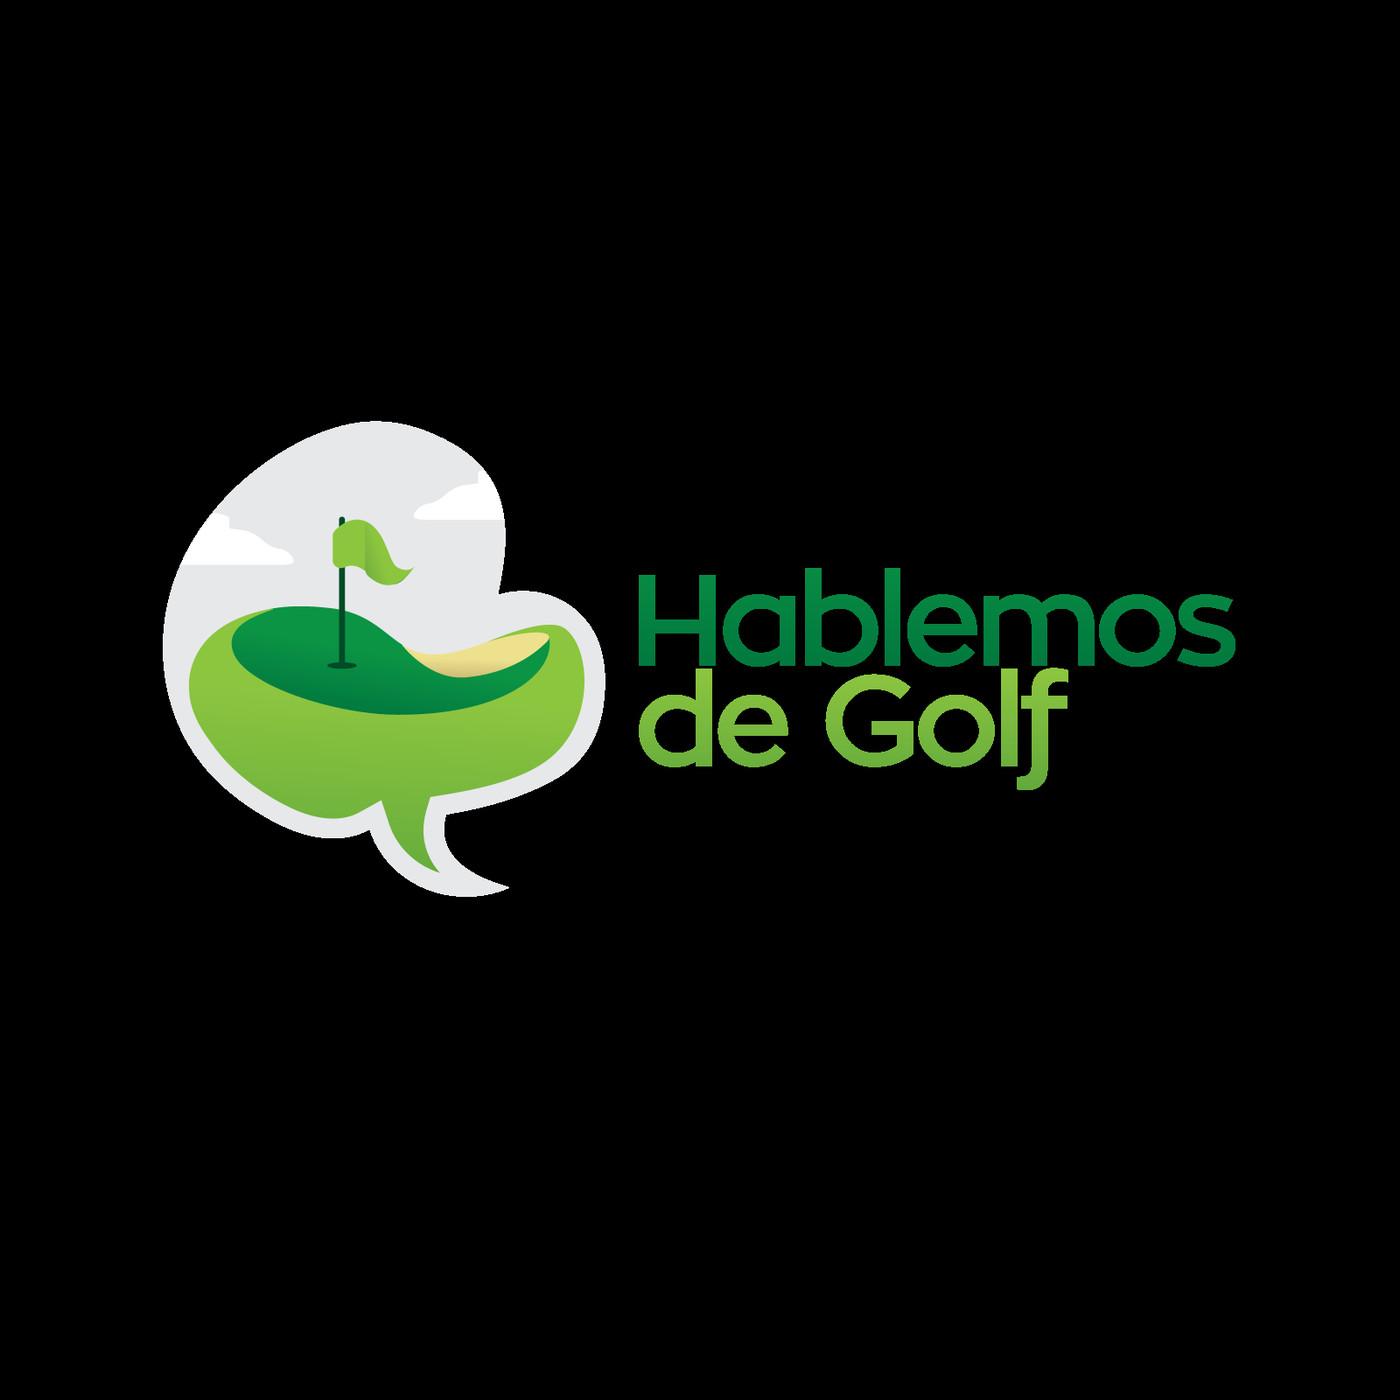 Podcast #20 - TRANSFORMACION DIGITAL EN LOS CAMPOS DE GOLF CON LLUIS LLAVINA